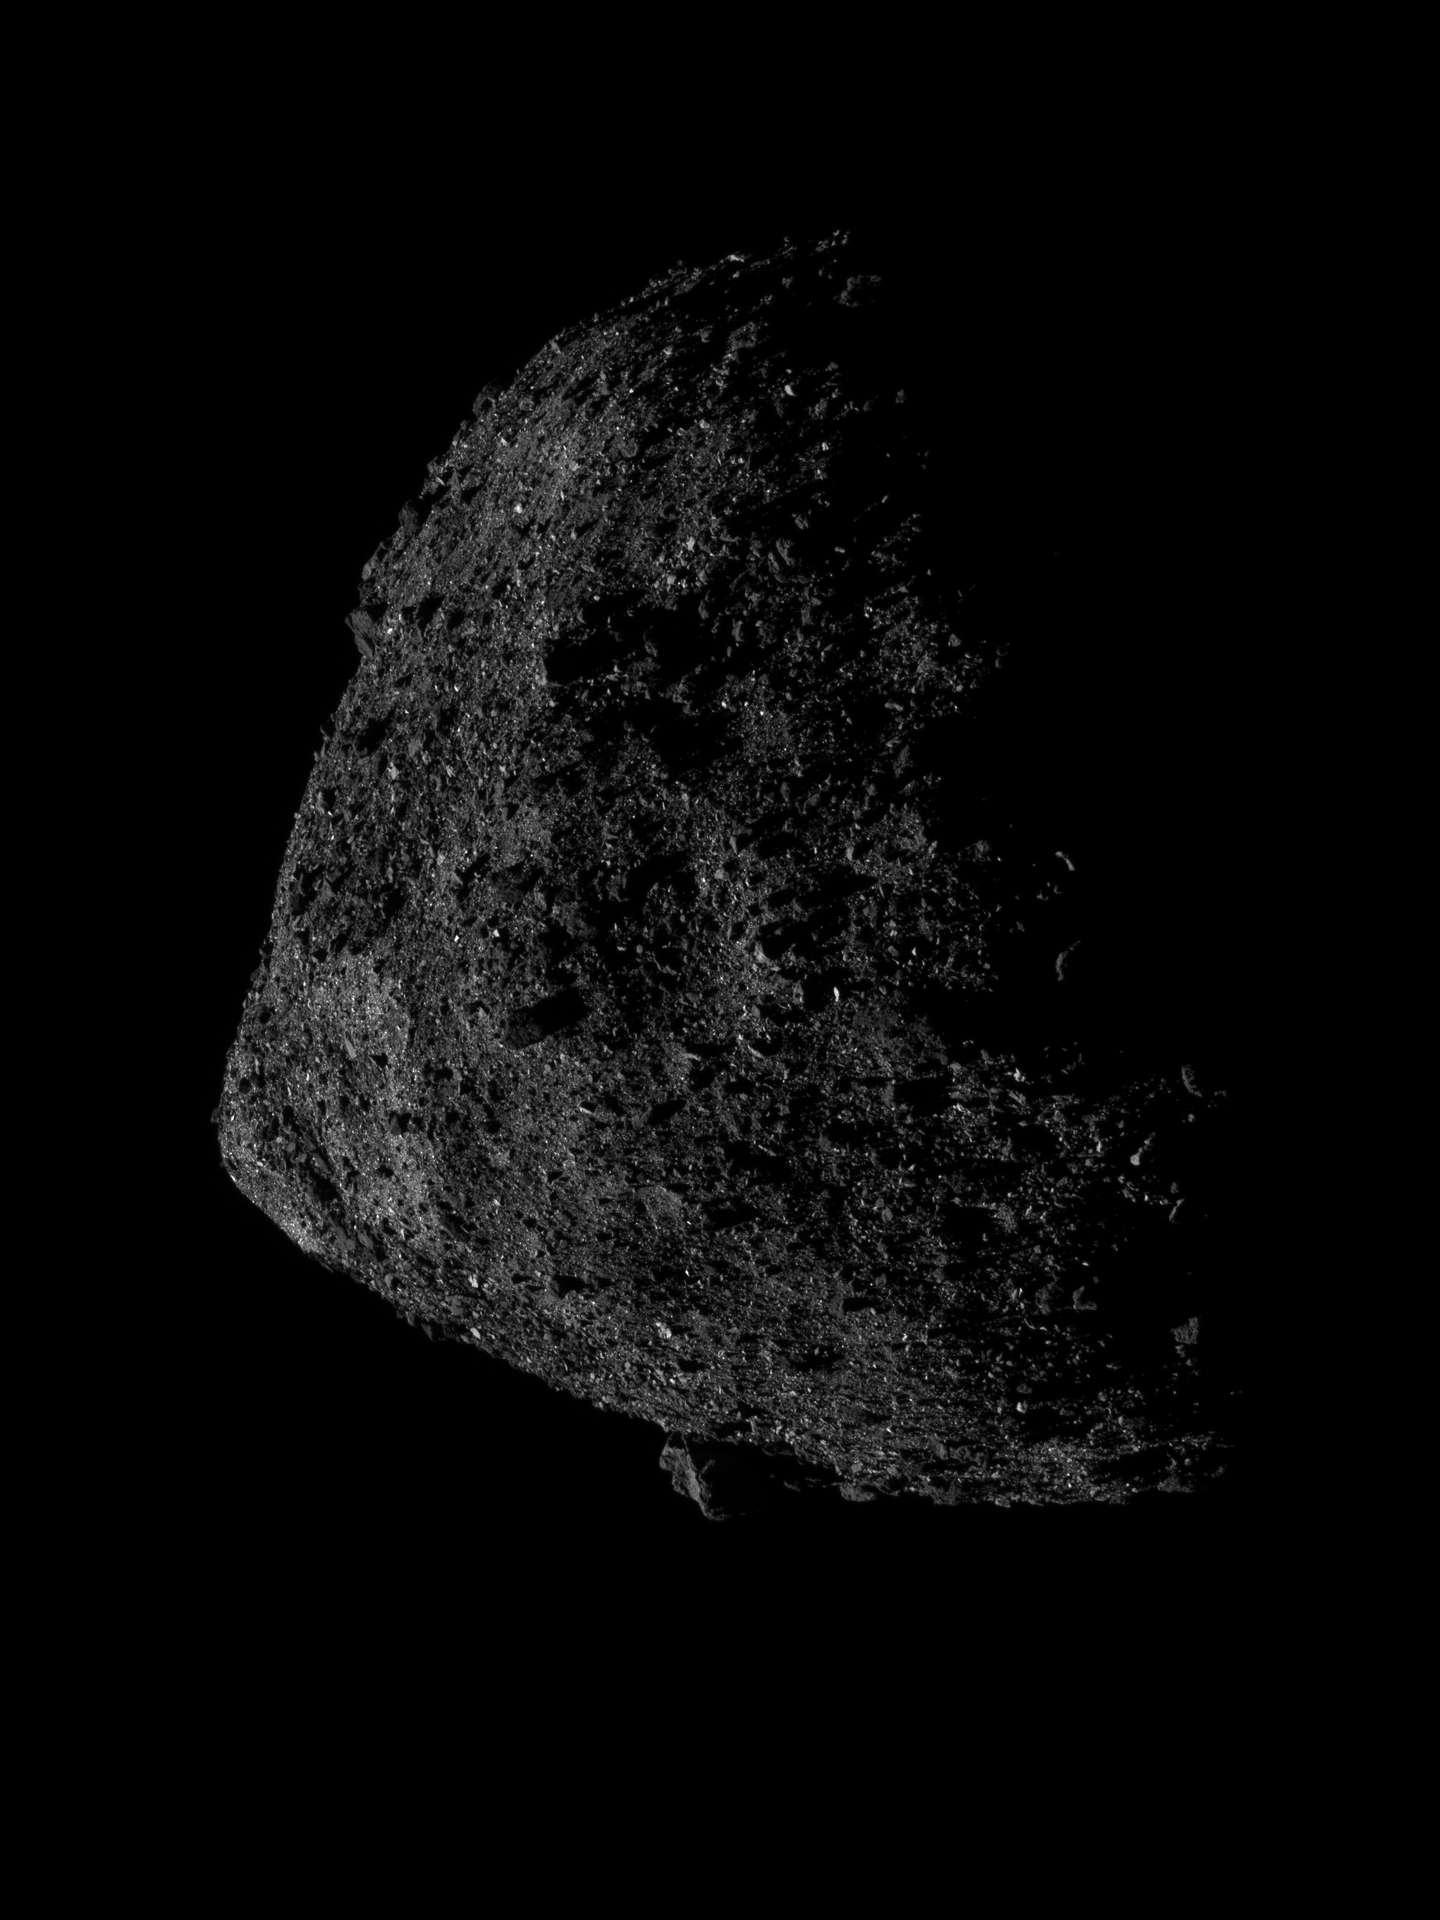 Bennu, un astéroïde géocroiseur potentiellement dangereux de 490 mètres de diamètre, vu ici avec un luxe de détails par la sonde Osiris-Rex, grâce à sa caméra Navcam, le 13 juin 2019, juste après qu'elle se soit placée sur une orbite record de seulement 680 mètres d'altitude. © Nasa/ GSFC / UA / Lockheed Martin